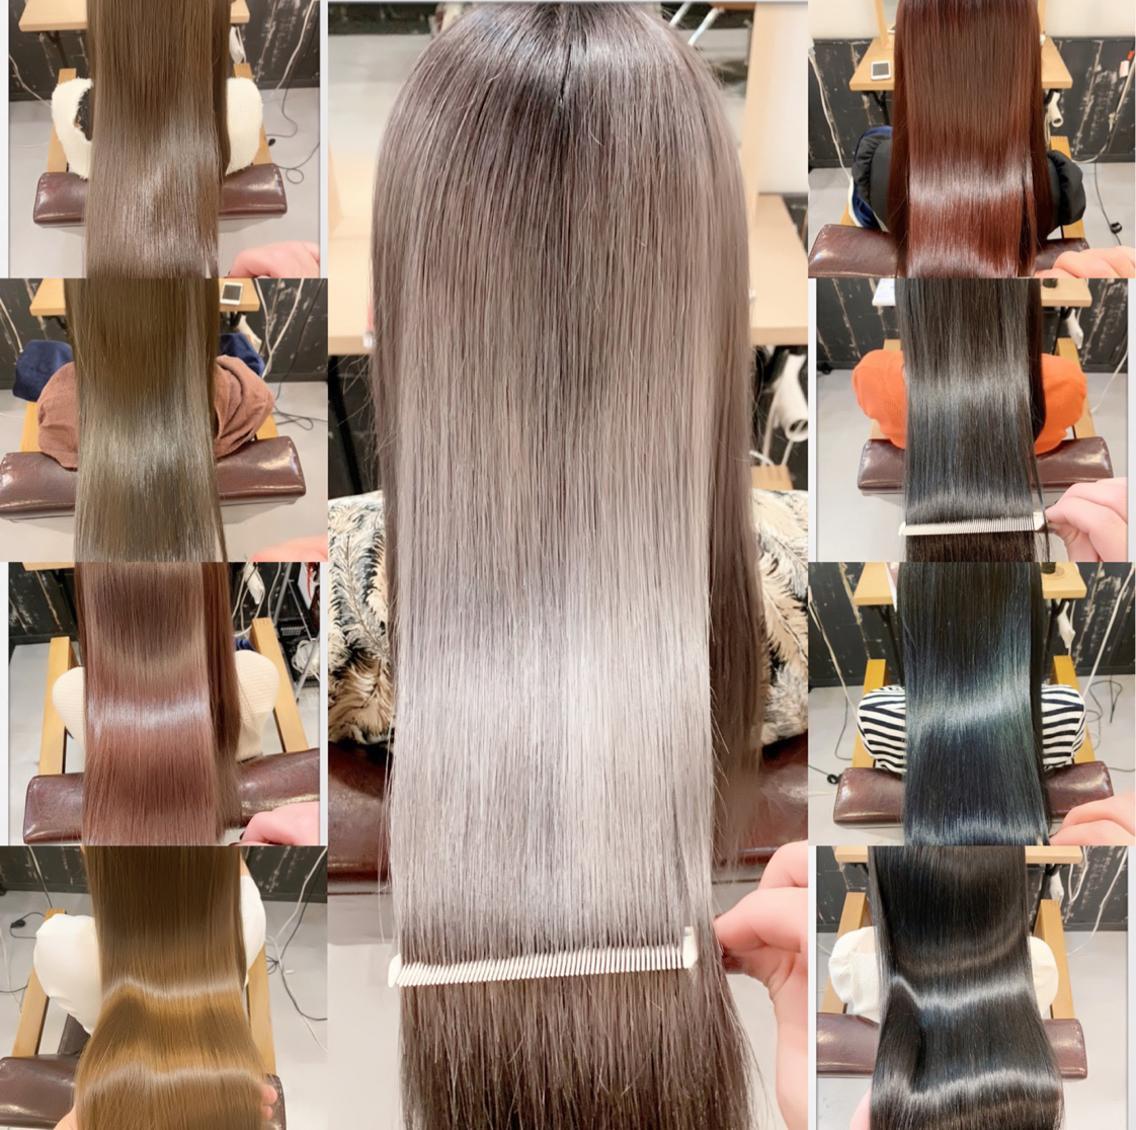 完全マンツーマン美容師 髪質改善ASTELLA所属・AKI HIRO ✨1日5名限定✨の掲載